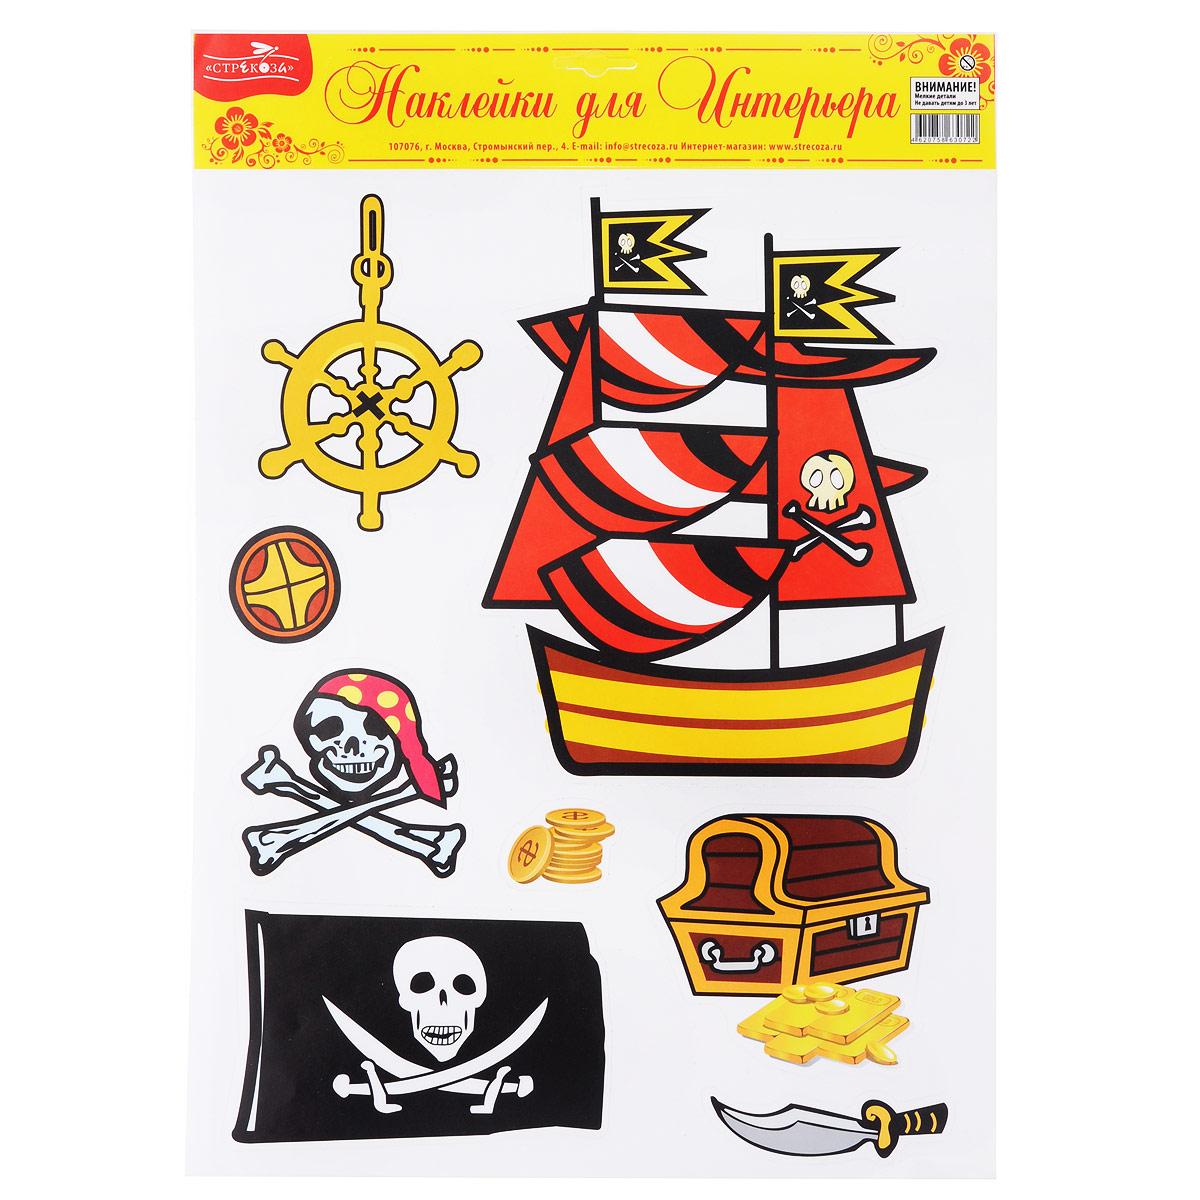 Наклейки для интерьера Стрекоза Пираты72037Наклейки для стен и предметов интерьера Стрекоза Пираты, изготовленные изсамоклеящейся пленки, -это удивительно простой и быстрый способ оживить интерьер помещения.На листе расположены наклейки в виде пиратских символов: корабля, пиратского флага, сундука с сокровищами, штурвала и, конечно, Веселого Роджера. Интерьерные наклейки дадут вам вдохновение, которое изменитвашу жизнь ипоможет погрузиться в мир красок, фантазий и творчества. Для васоткрываются безграничные возможности придумать оригинальный дизайн ипридать новый вид стенам и мебели. Наклейки абсолютно безопасны дляздоровья. Они быстро и легко наклеиваются на любые ровные поверхности:стены, окна, двери, кафельную плитку, виниловые и флизелиновые обои, стекла,мебель. При необходимости удобно снимаются, не оставляют следов и неповреждают поверхность (кроме бумажных обоев).